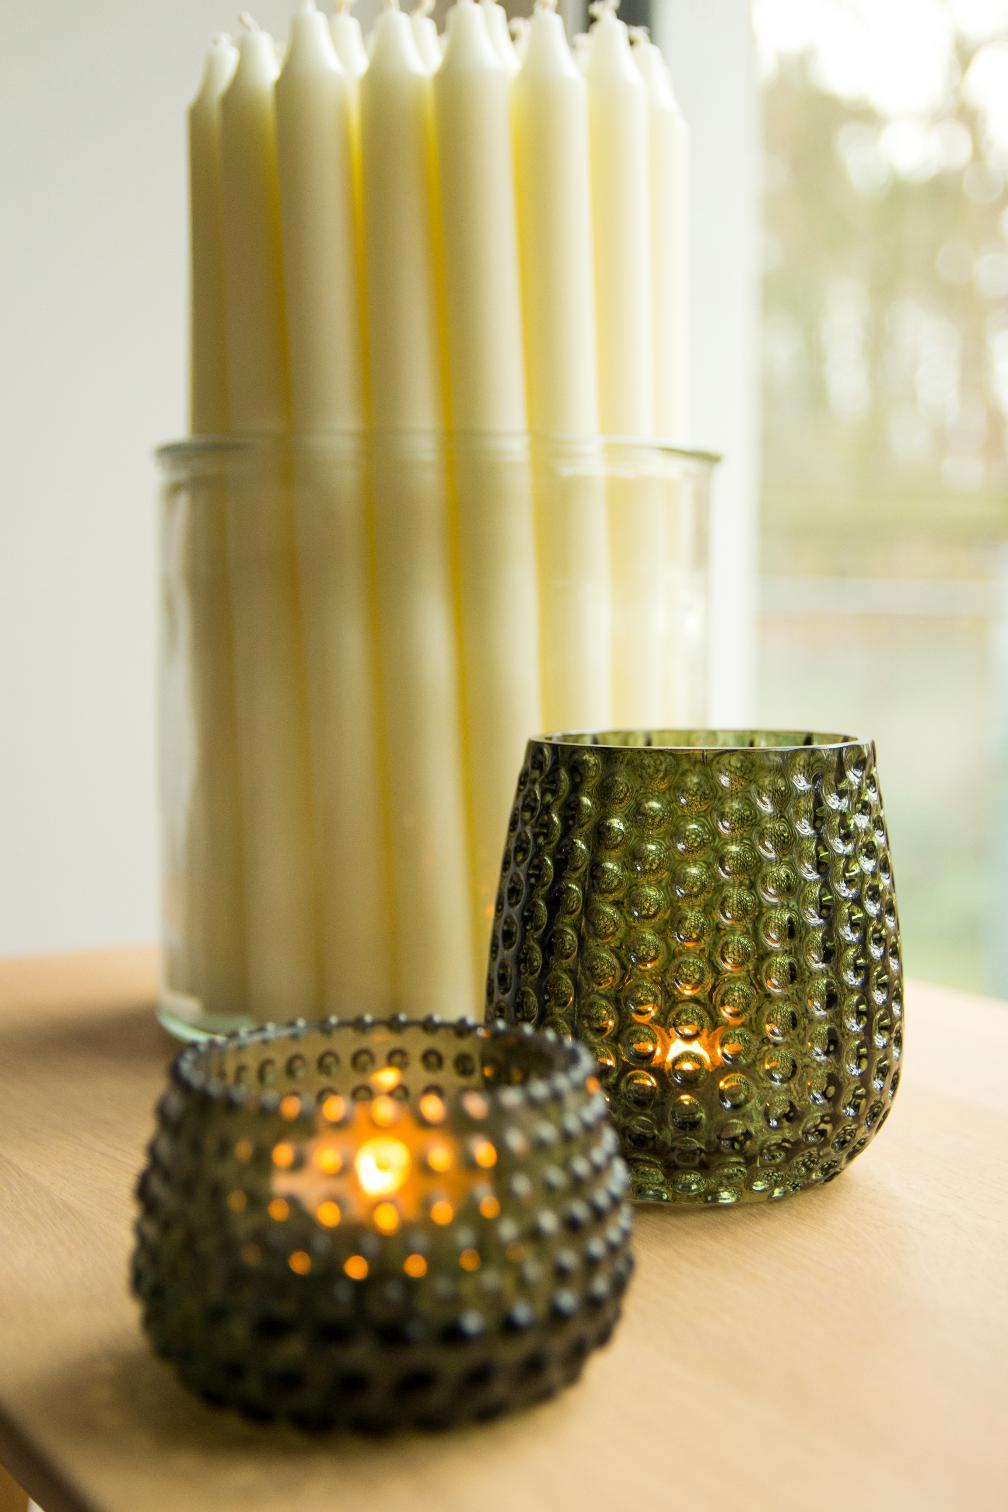 Dänische Kerzen.Dänische Kerzen Und Neue Wohnaccessoires Fasmas Flagshipstore